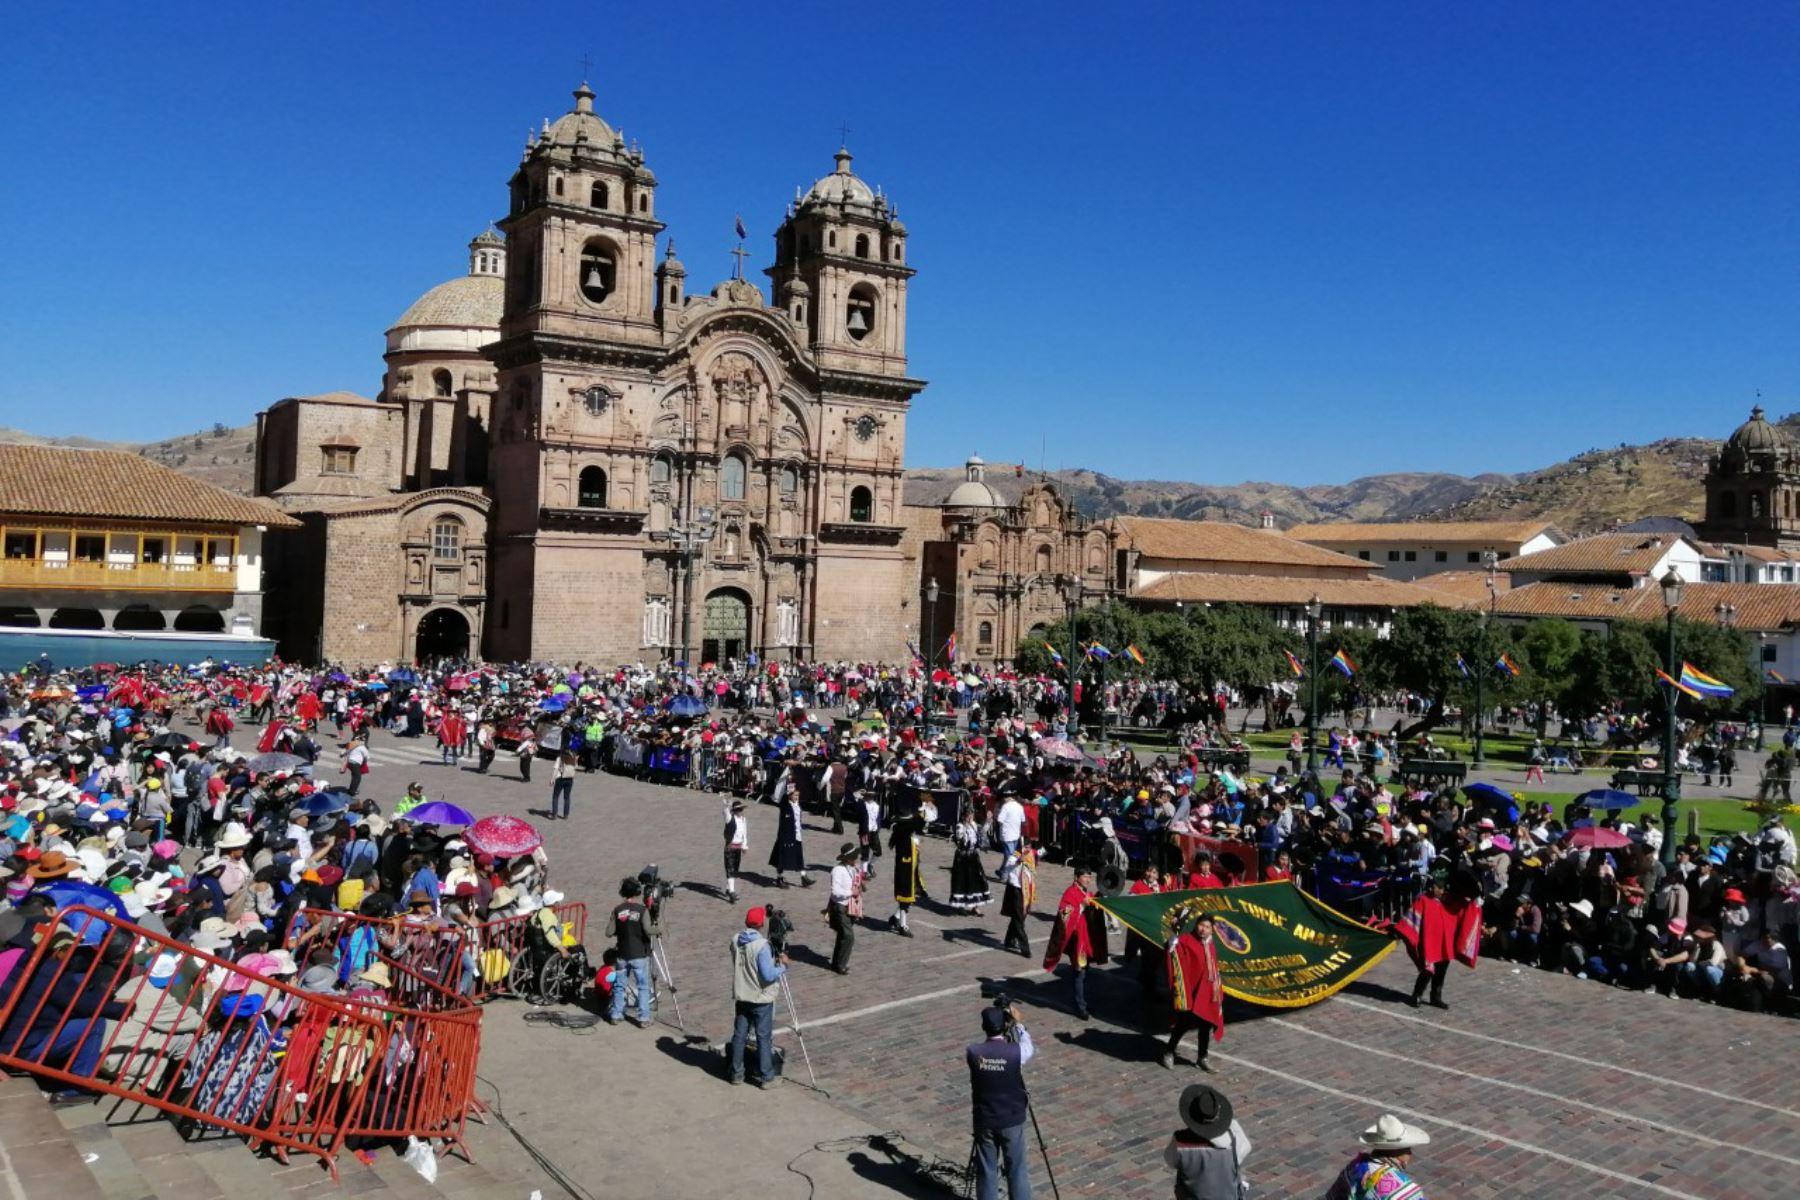 La plaza mayor de Cusco será, este domingo 1 de marzo, escenario de un pasacalle solidario para acopiar donaciones de víveres a favor de los damnificados por el aluvión en el distrito de Santa Teresa, ubicado en la provincia de La Convención.